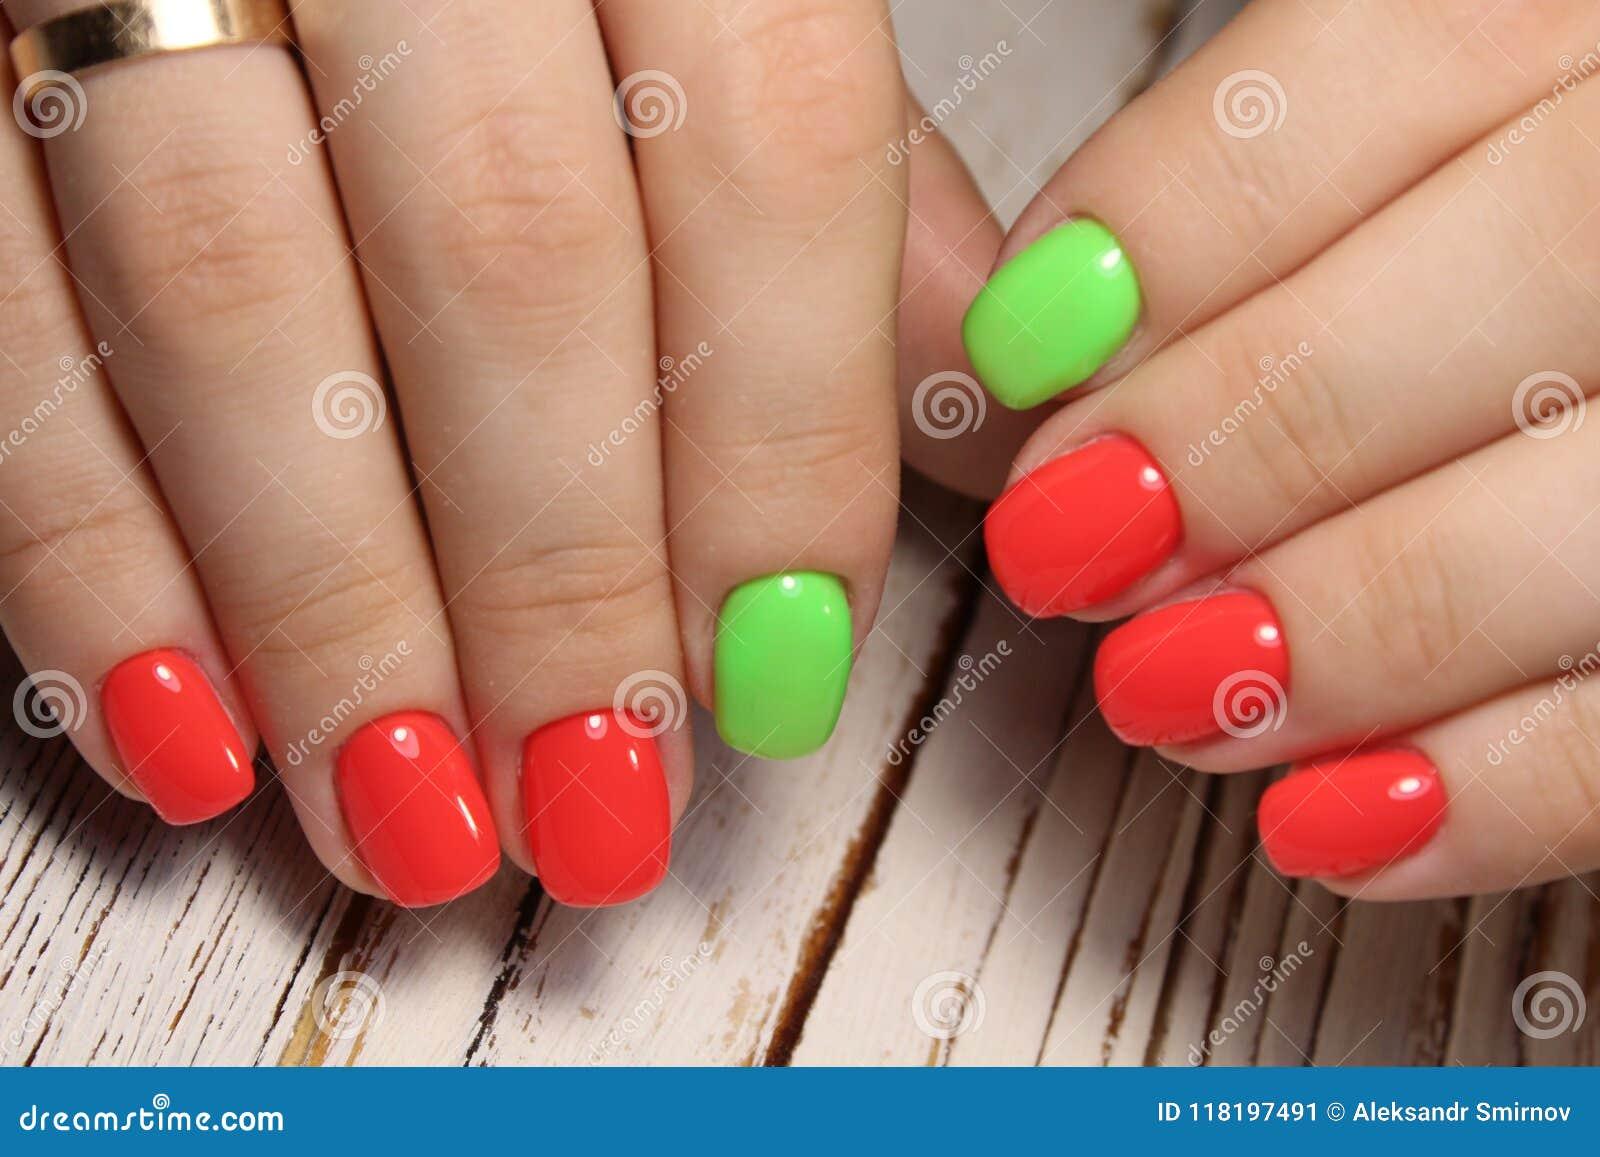 Amazing Natural Nails Stock Image Image Of Fashion 118197491